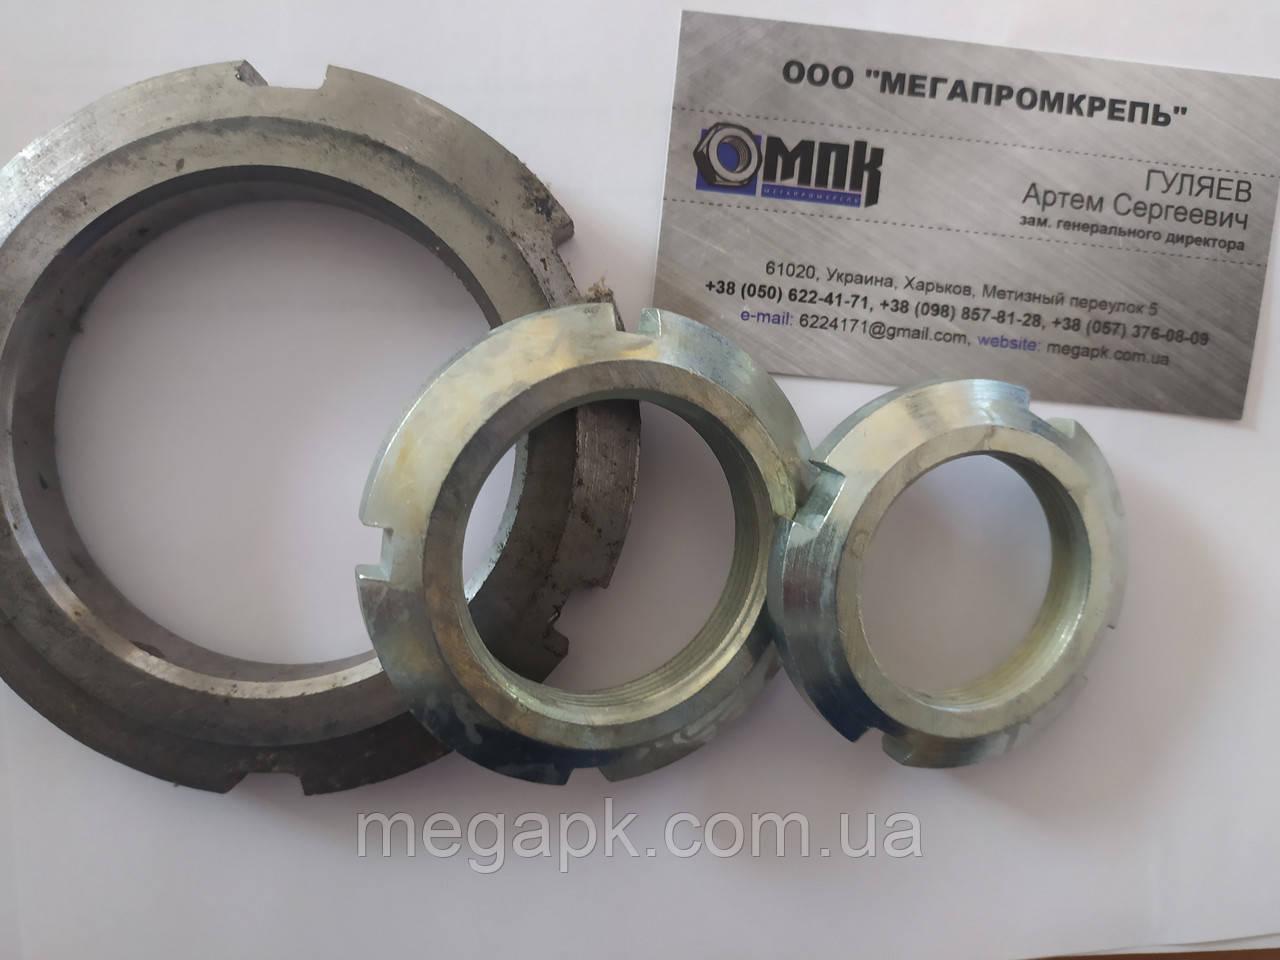 Гайка шлицевая круглая для стяжных и закрепительных втулок ГОСТ 8530-90